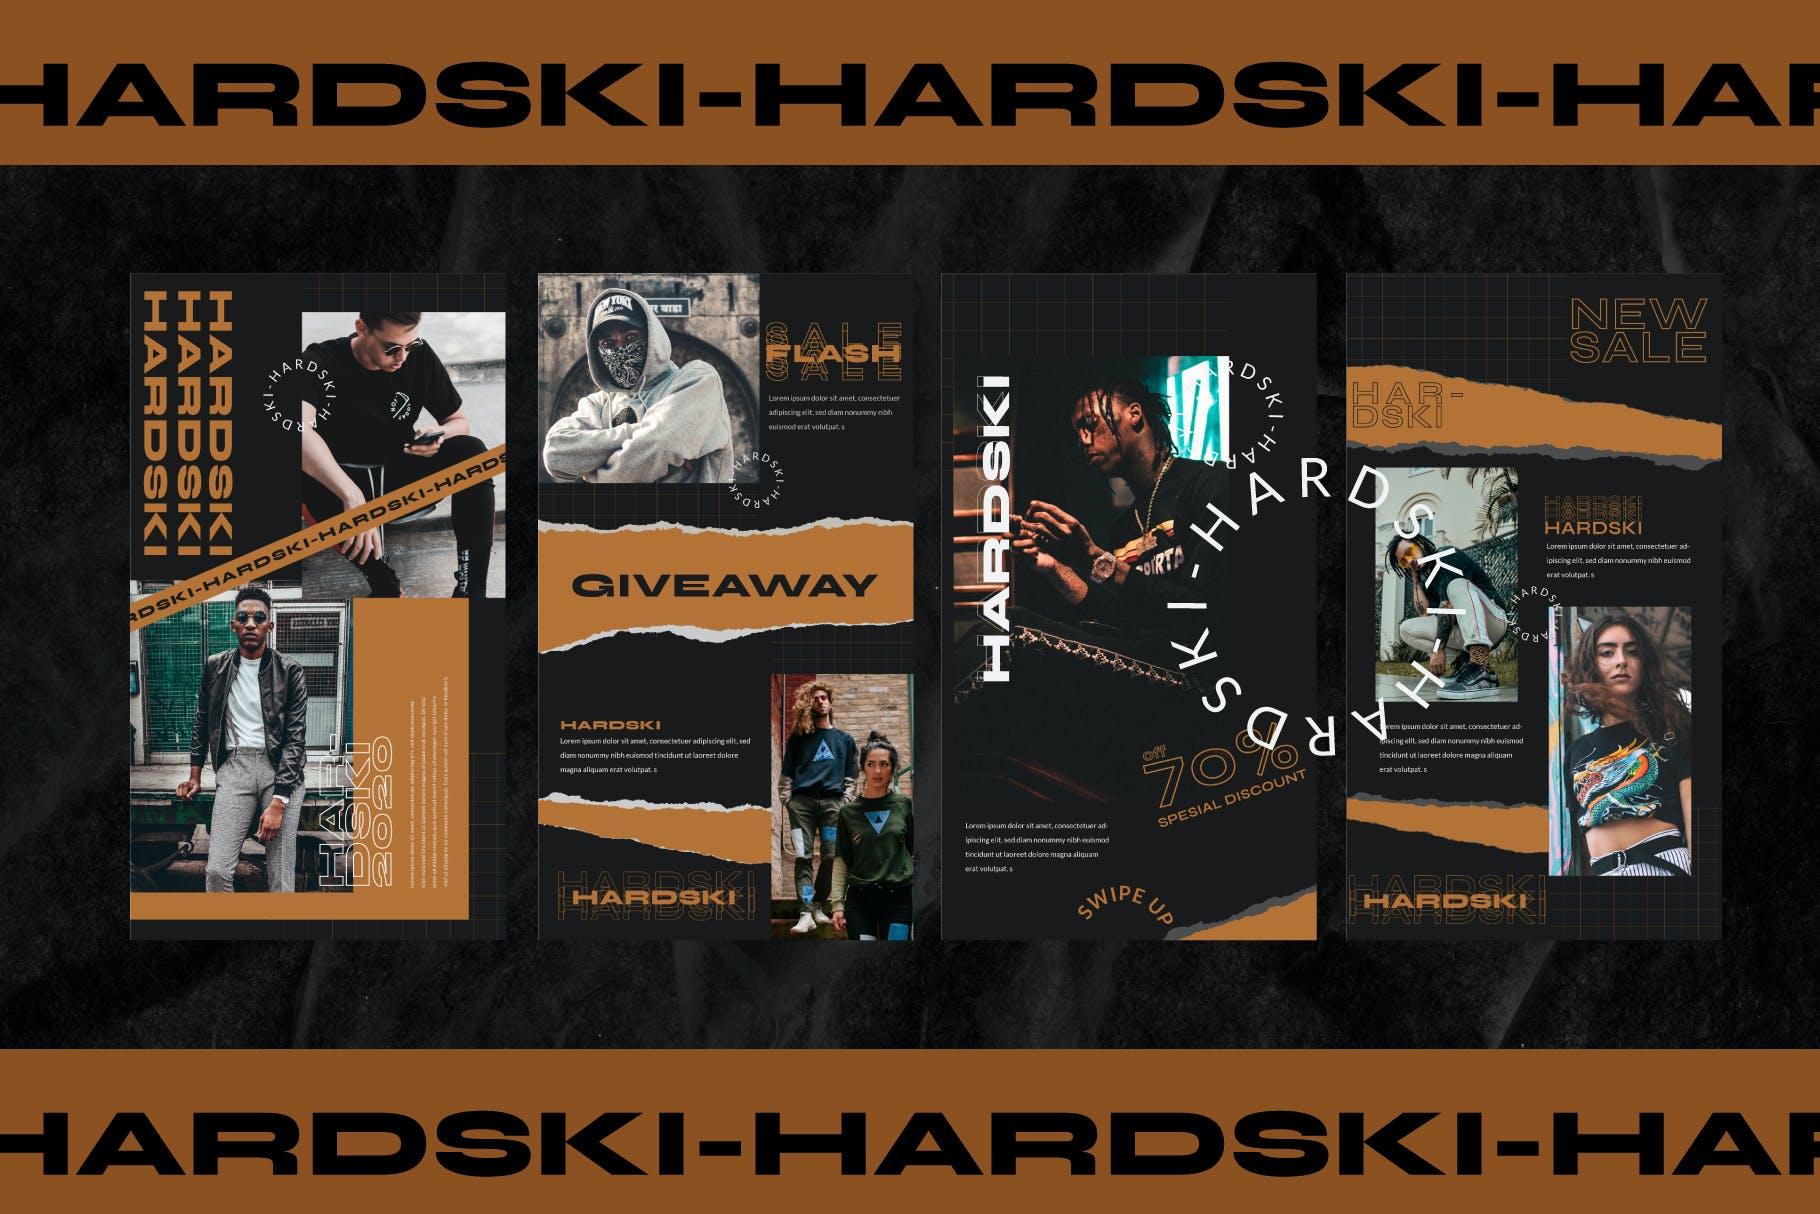 潮流街头潮牌服装推广新媒体电商海报设计PSD模板 Hardski – Instagram Post And Stories插图(7)